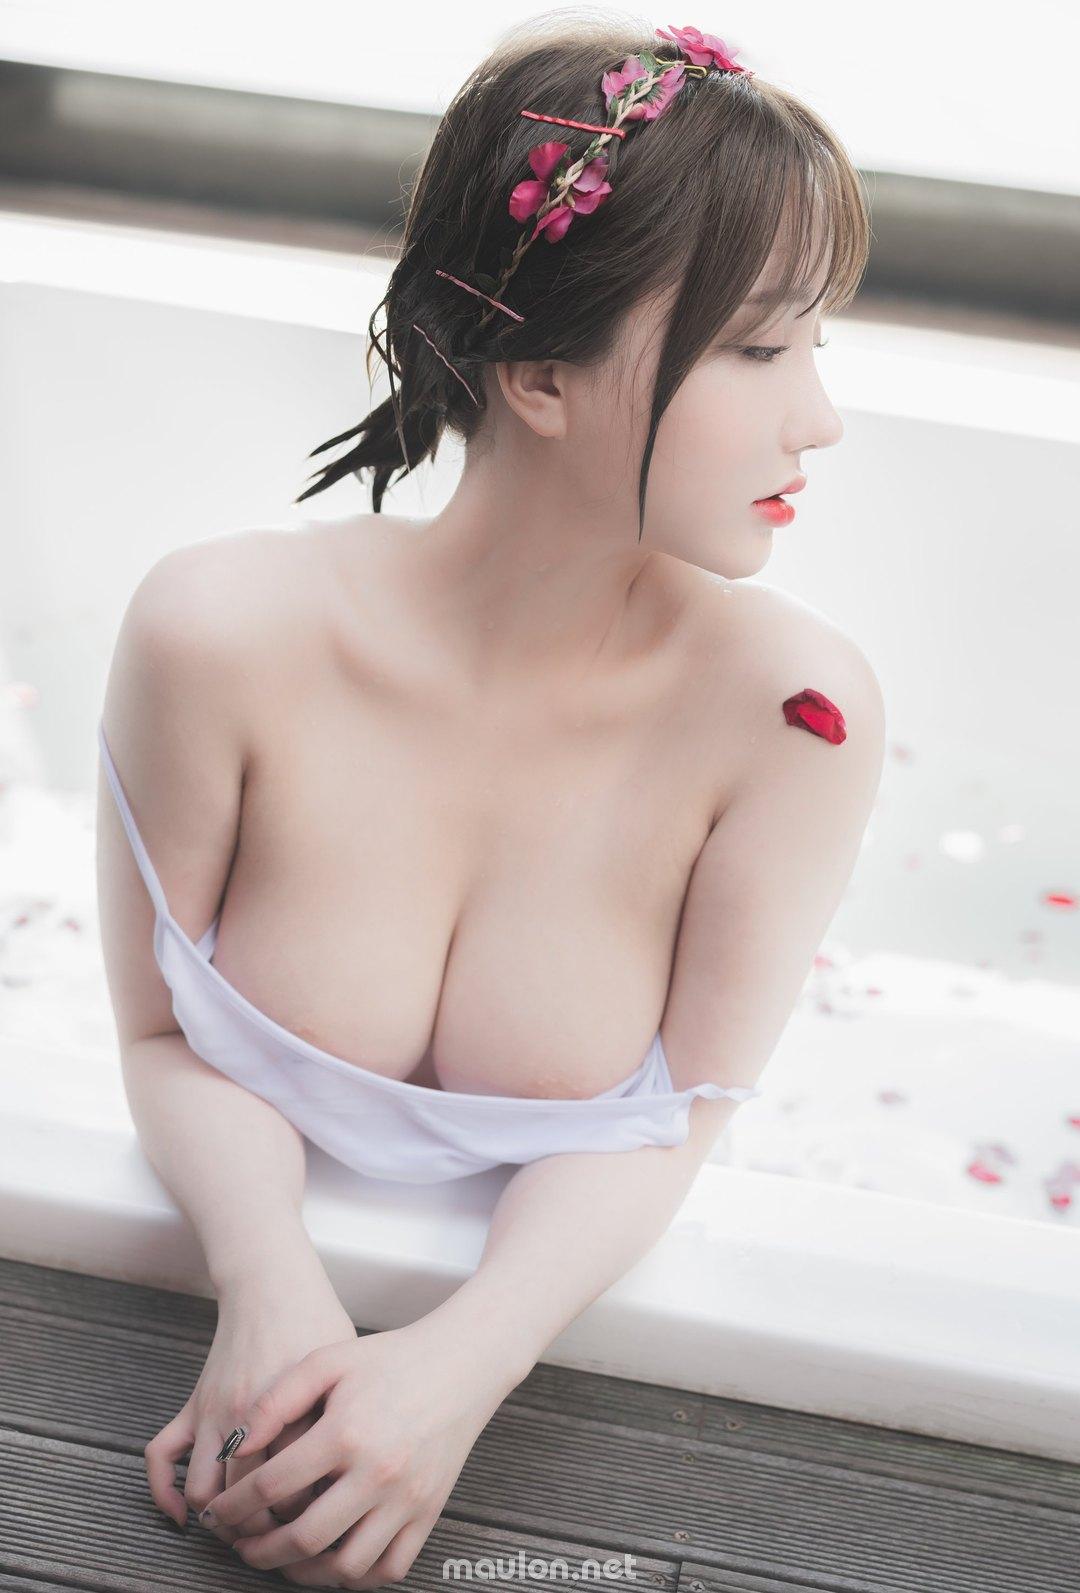 MauLon.Net - Ảnh sex Thấy em tắm anh thèm lắm